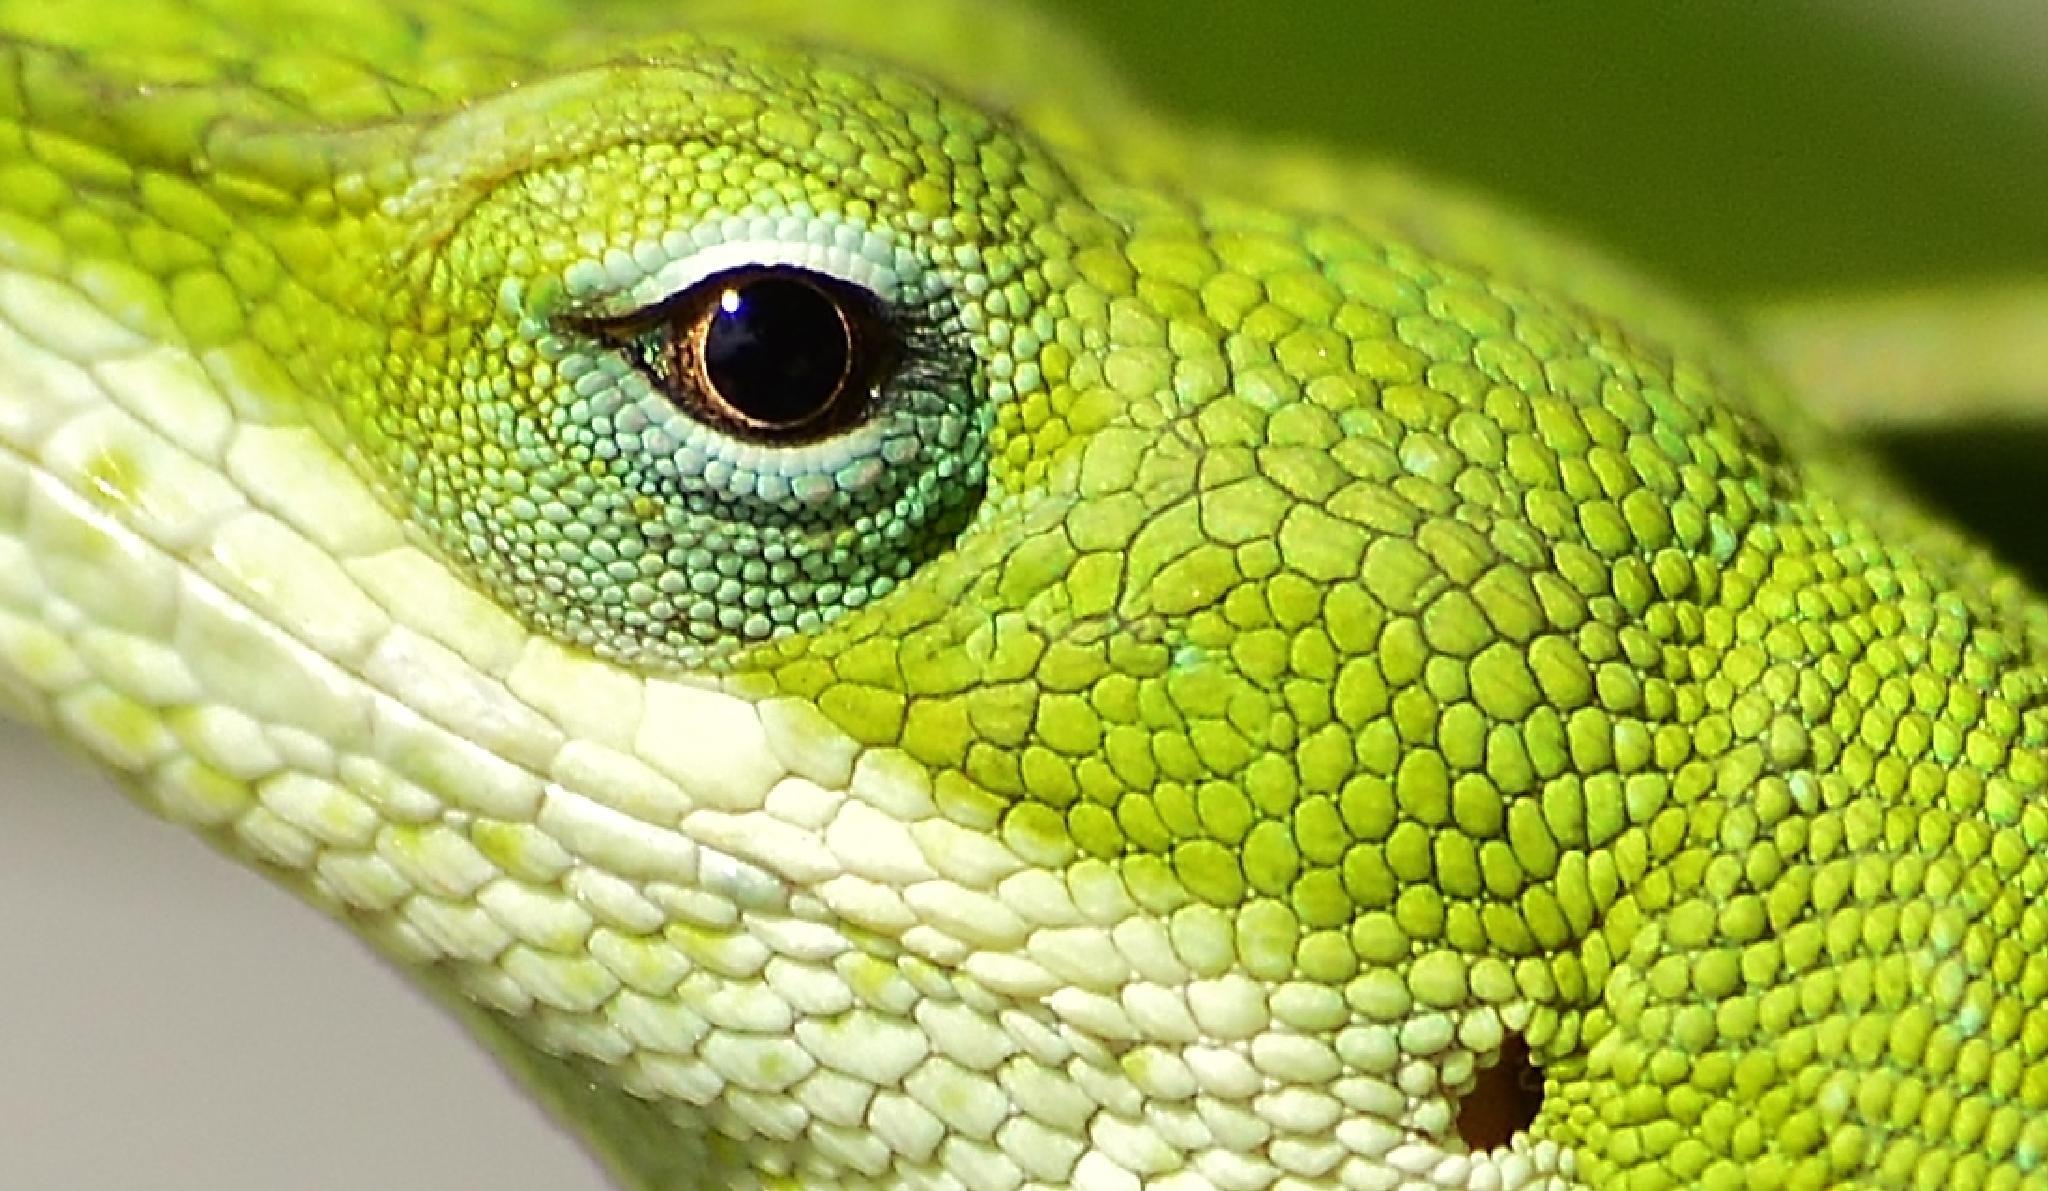 Eye of Green Anole! by jamie.dorton